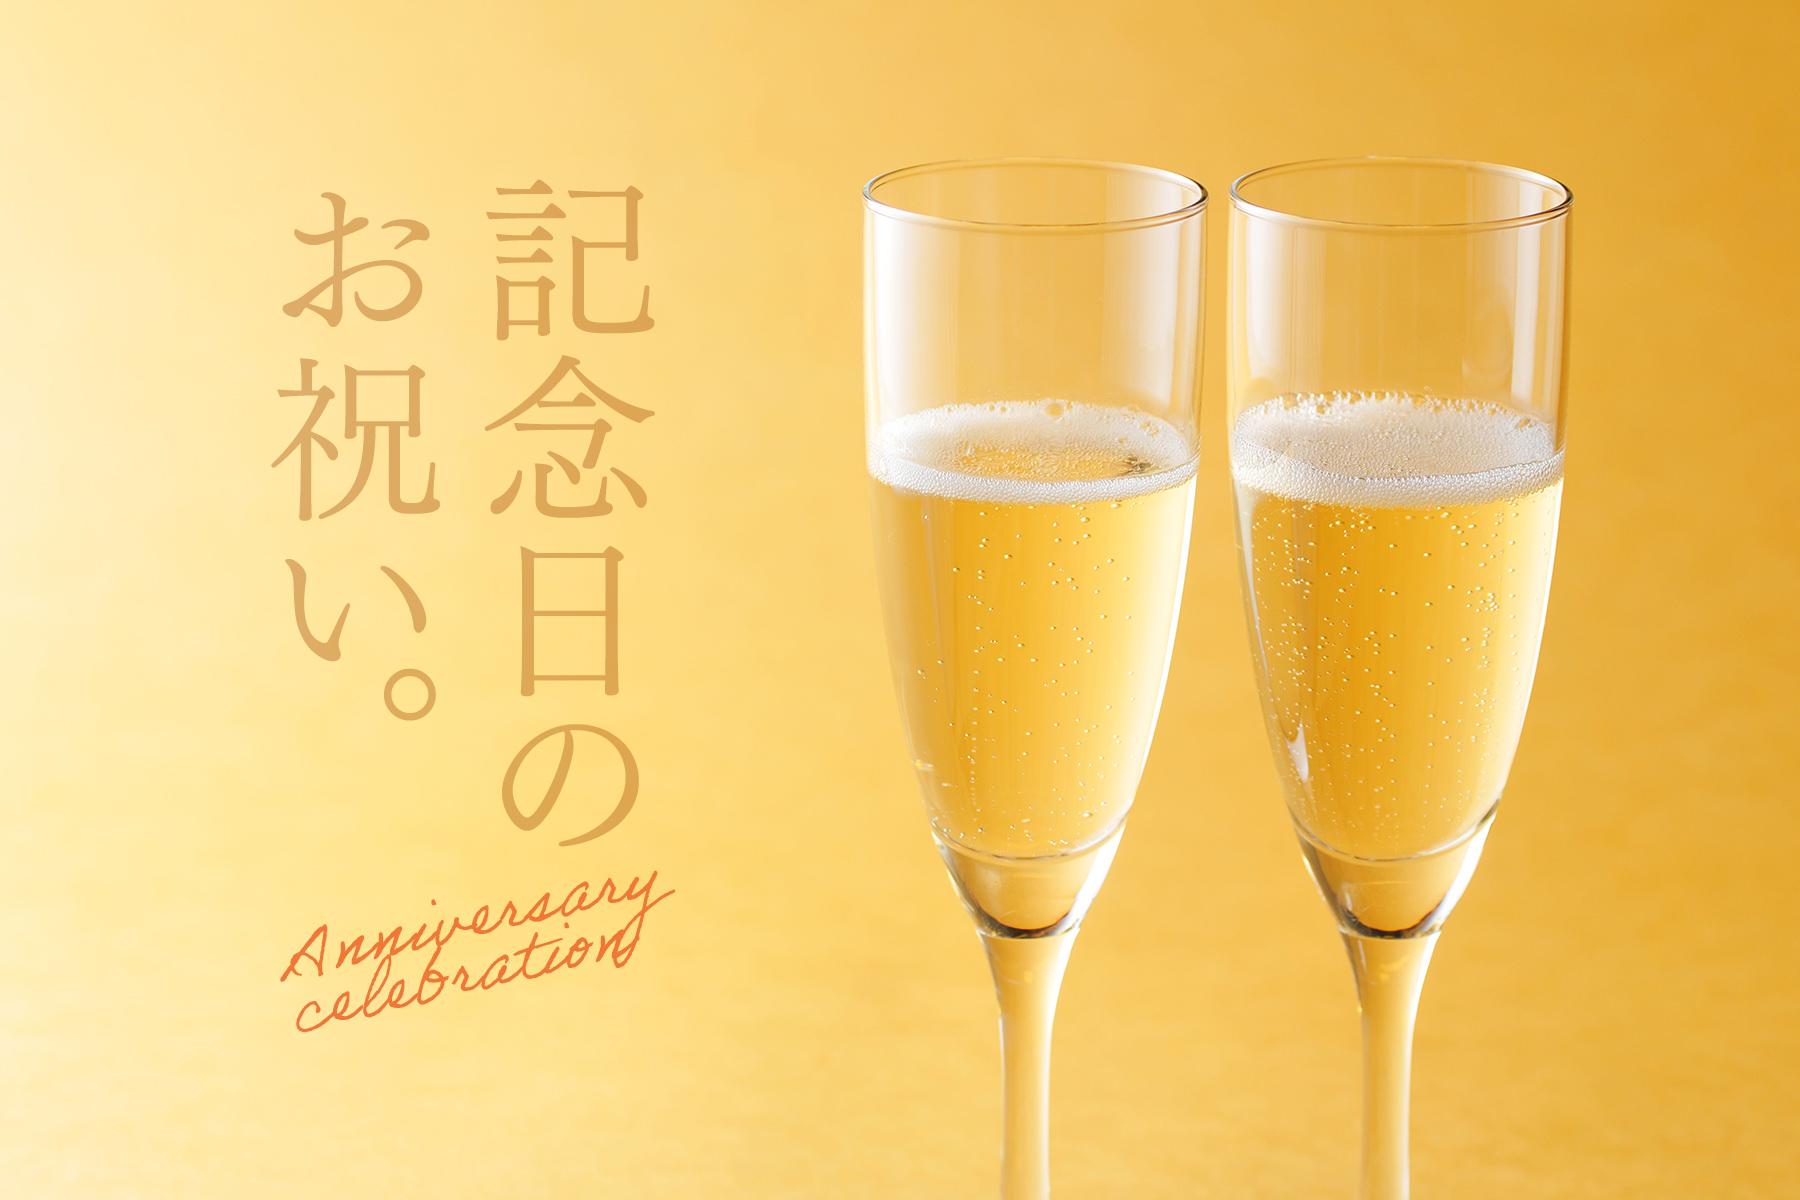 記念日のお祝い